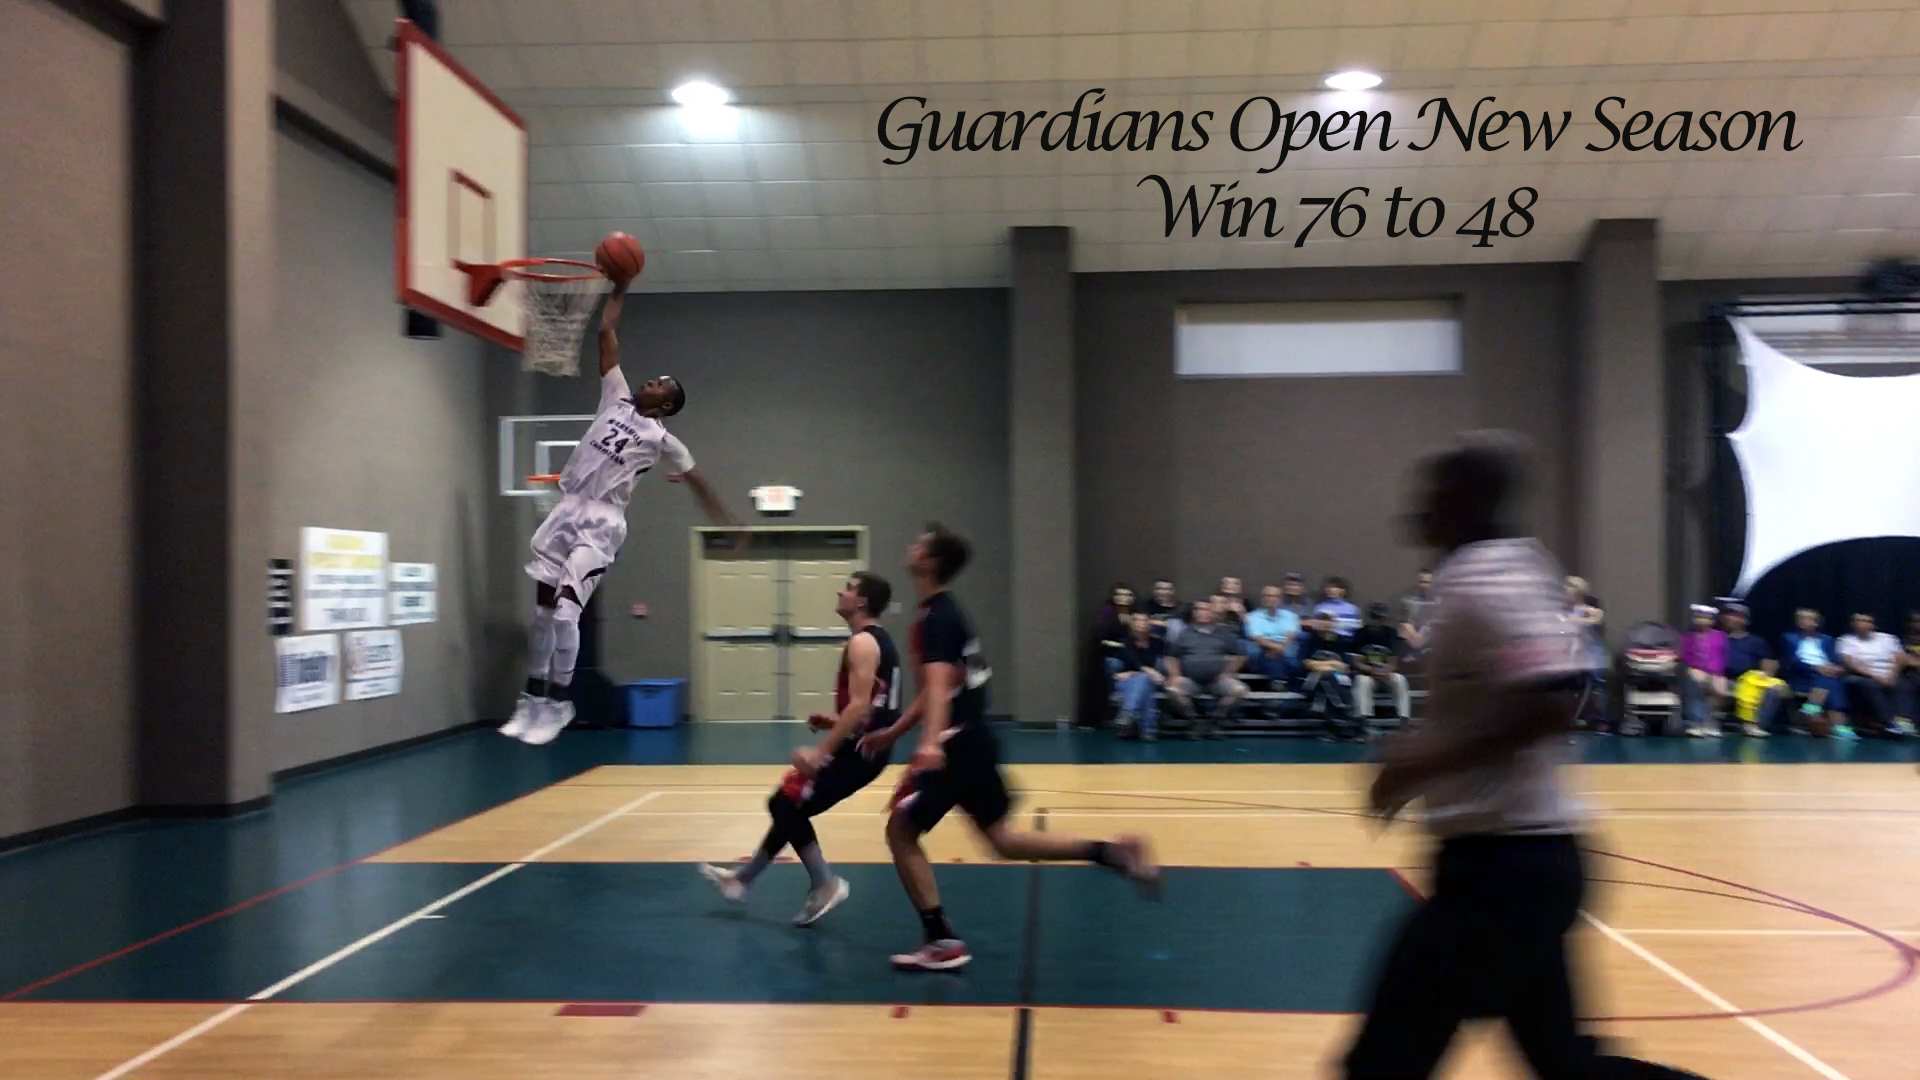 Guardian-Open-New-Season